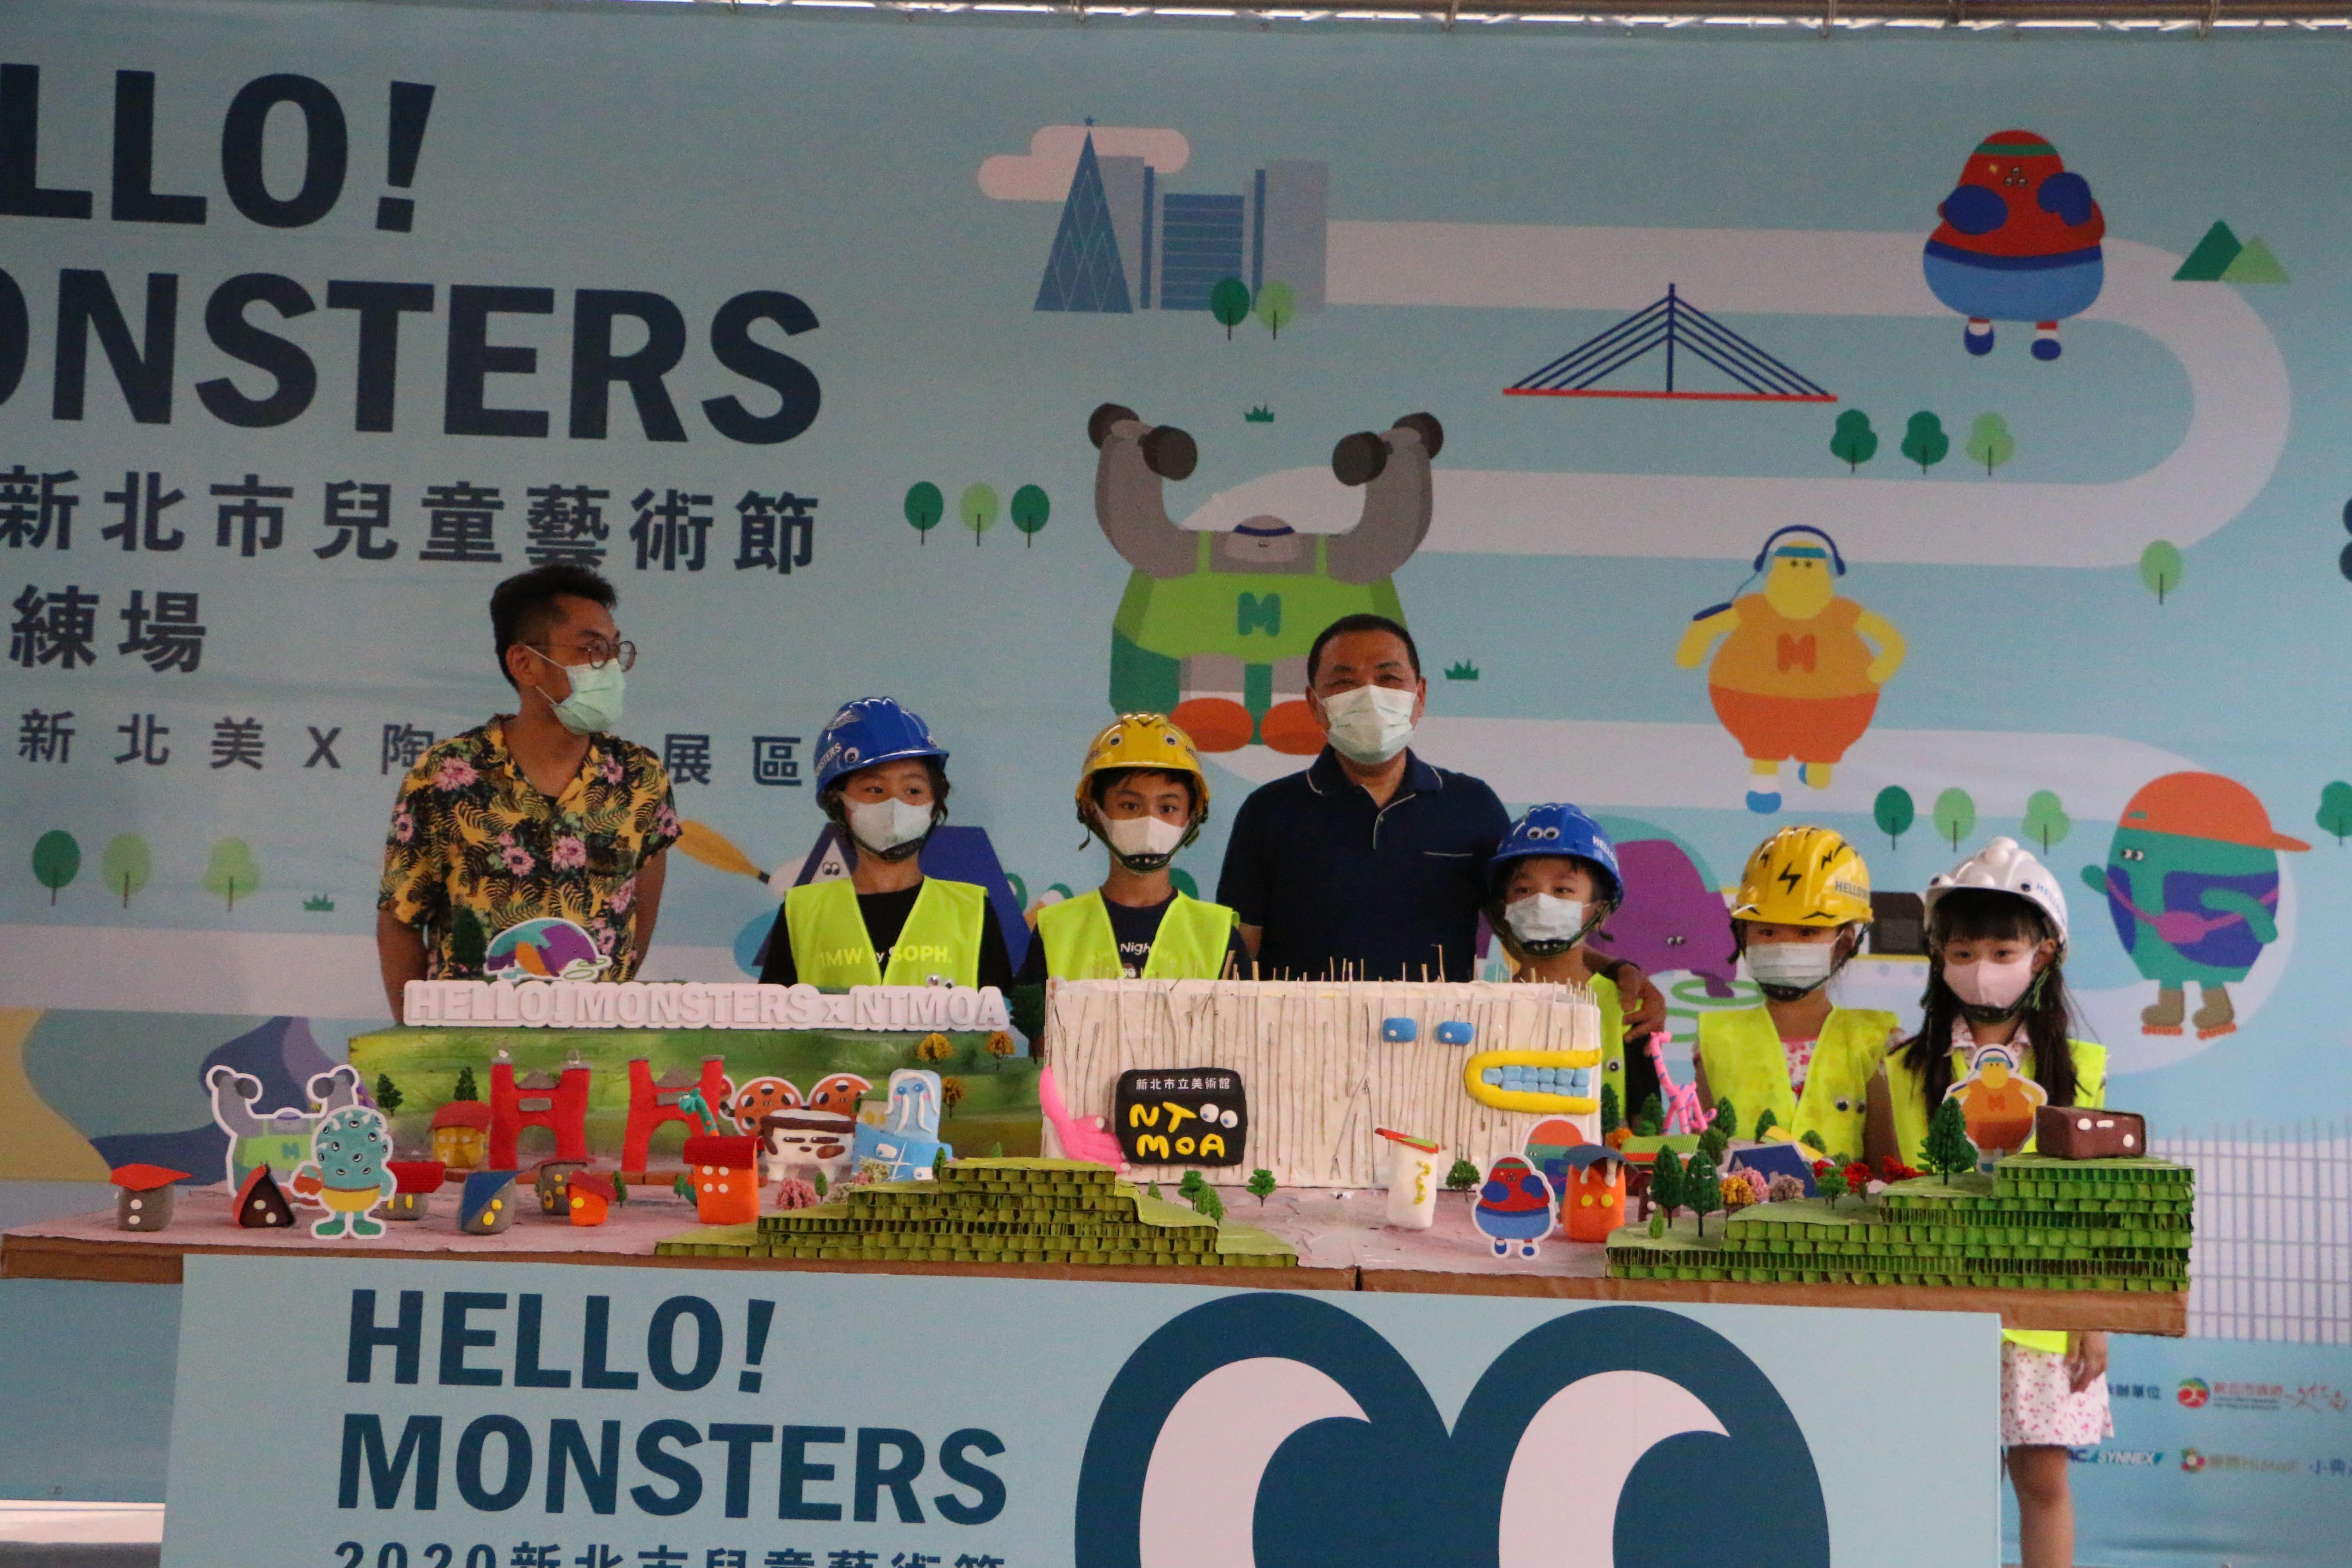 新北兒藝節「玩美島」壓軸登場  市長帶小朋友一起蓋美術館